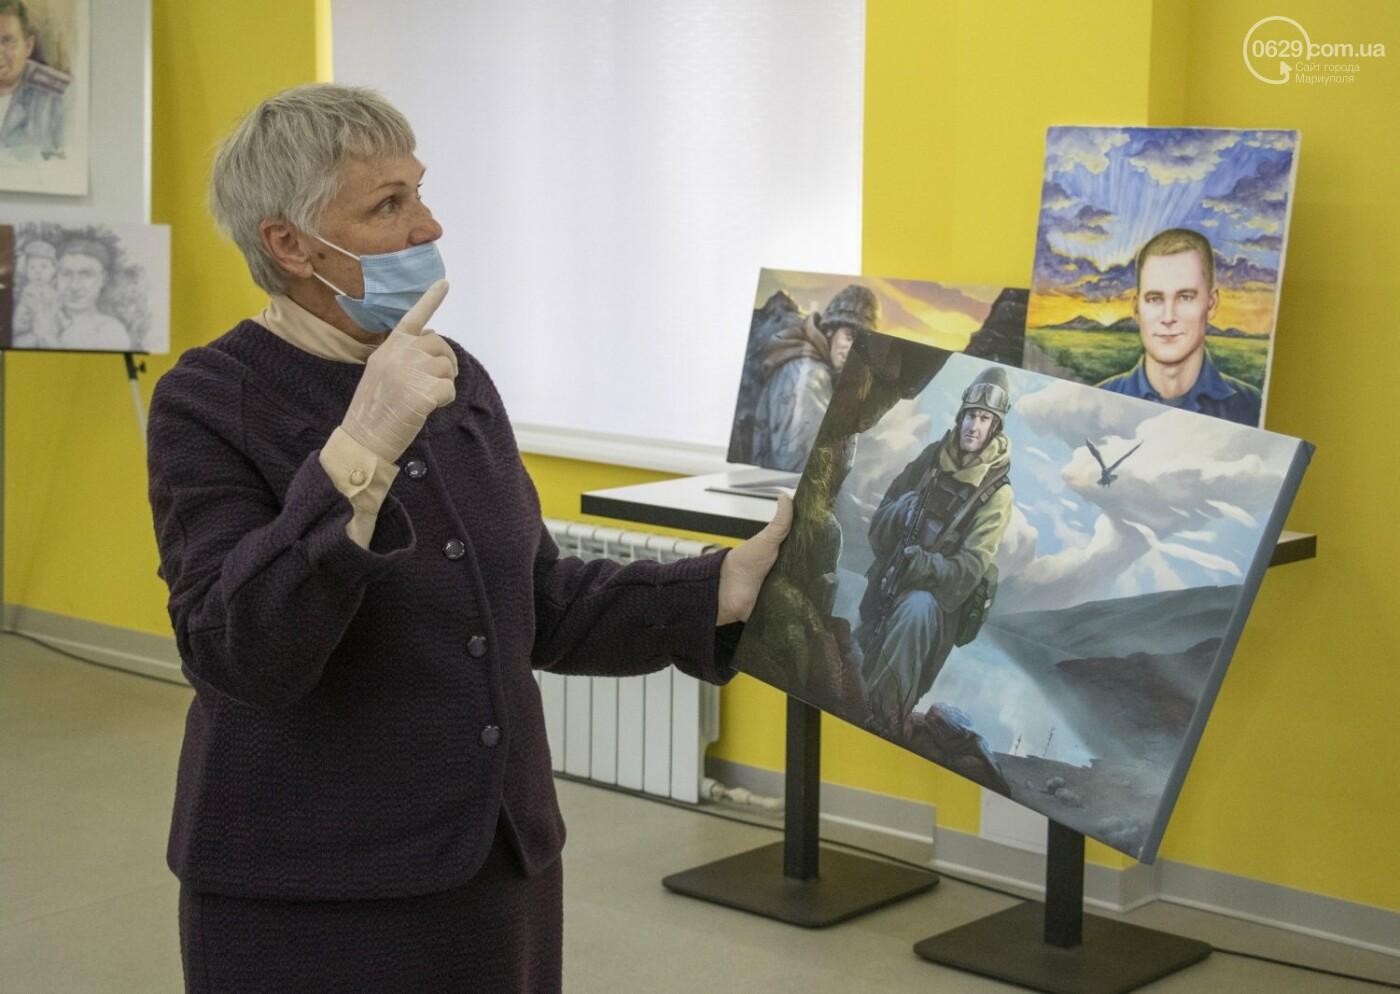 Как в Донецкой области память оставляют на холстах и в масле, - ФОТОРЕПОРТАЖ, фото-5